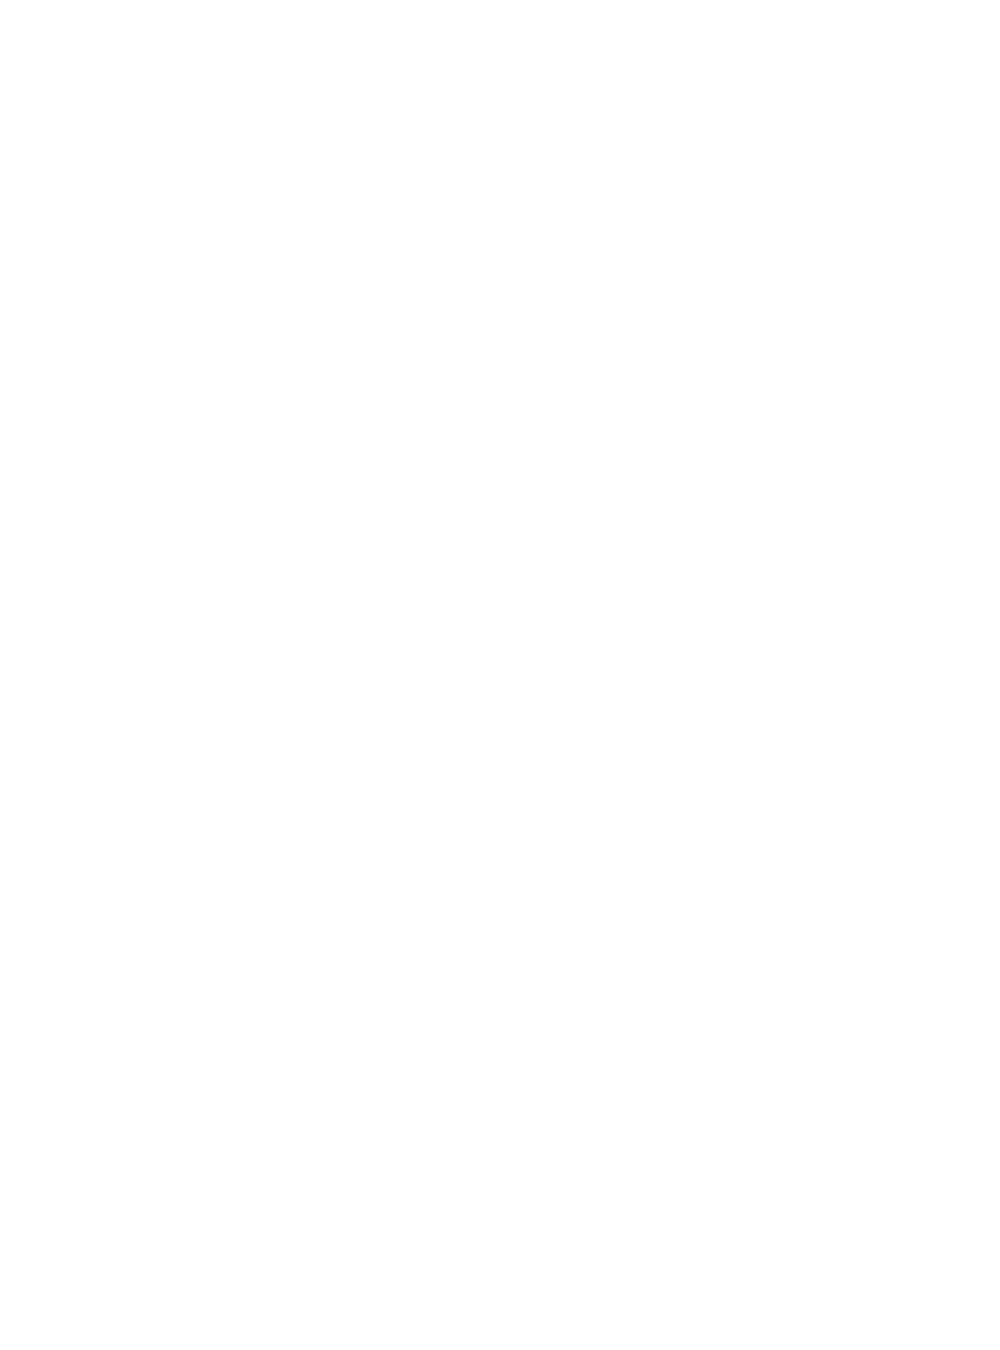 Harry Potter 3 Und Der Gefangene Von Askaban Vierfarbig